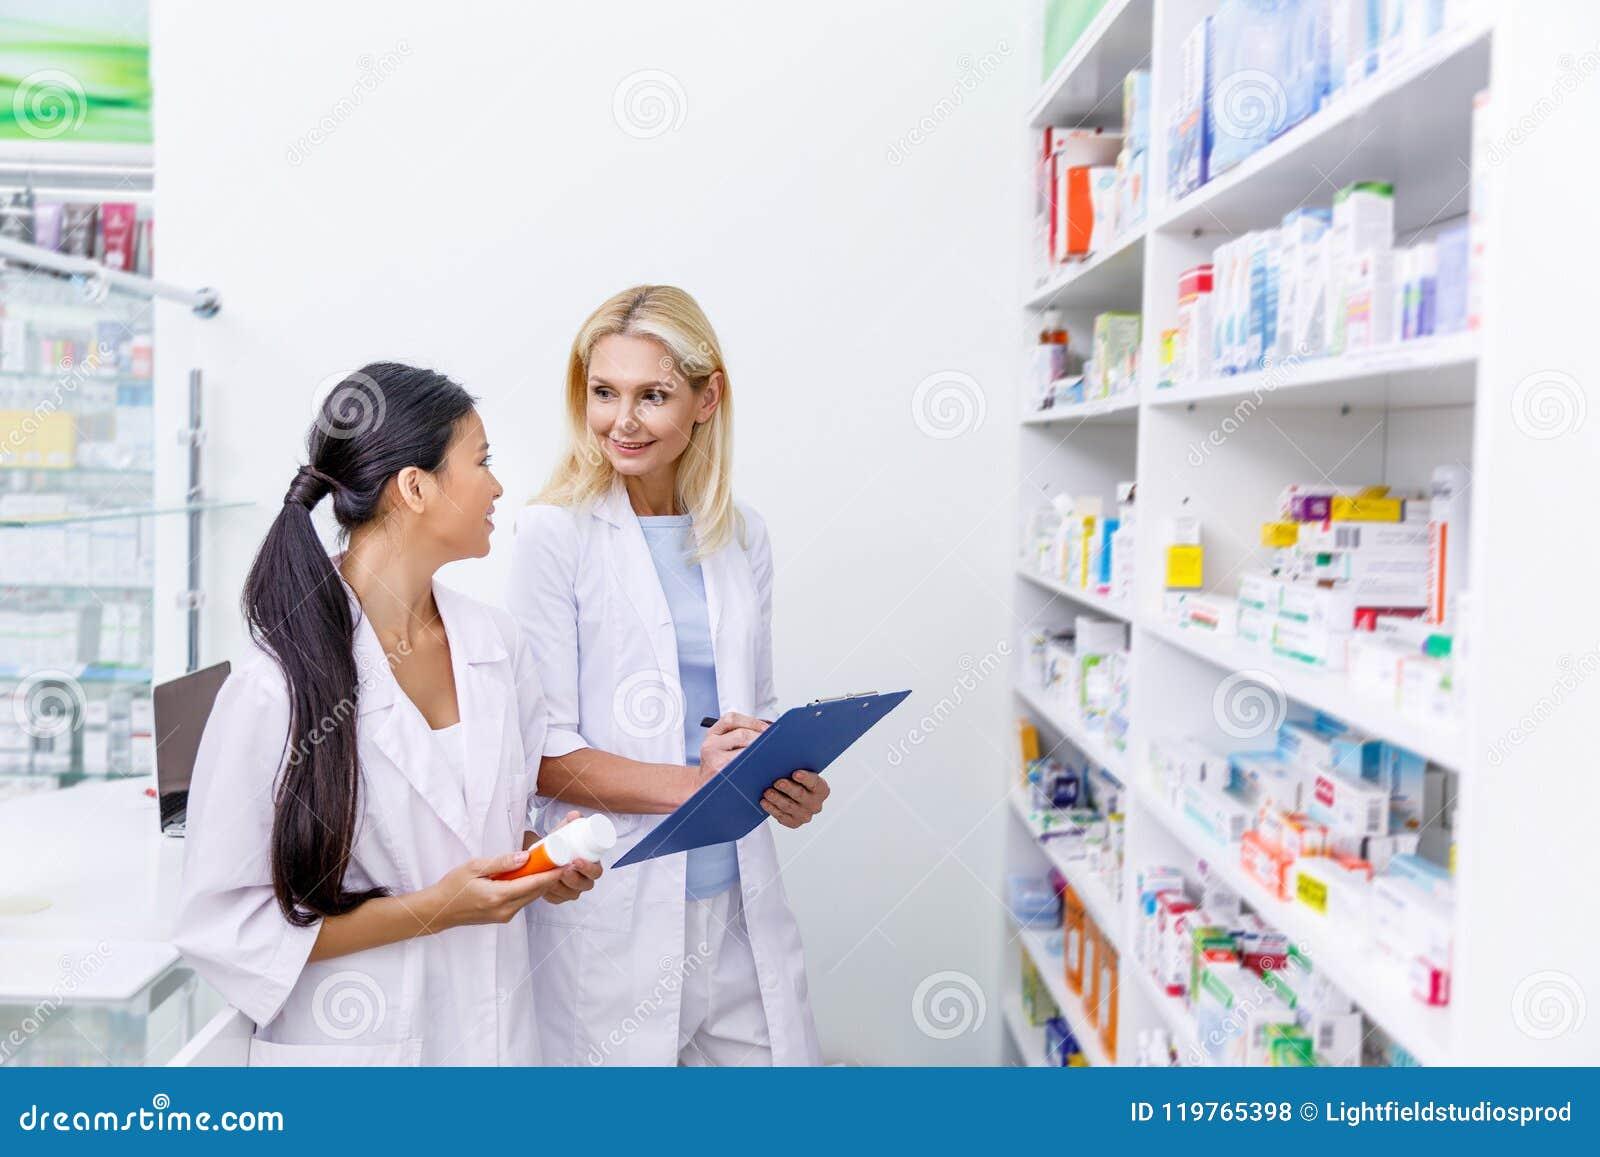 θηλυκοί φαρμακοποιοί με το φάρμακο και την περιοχή αποκομμάτων που λειτουργούν από κοινού